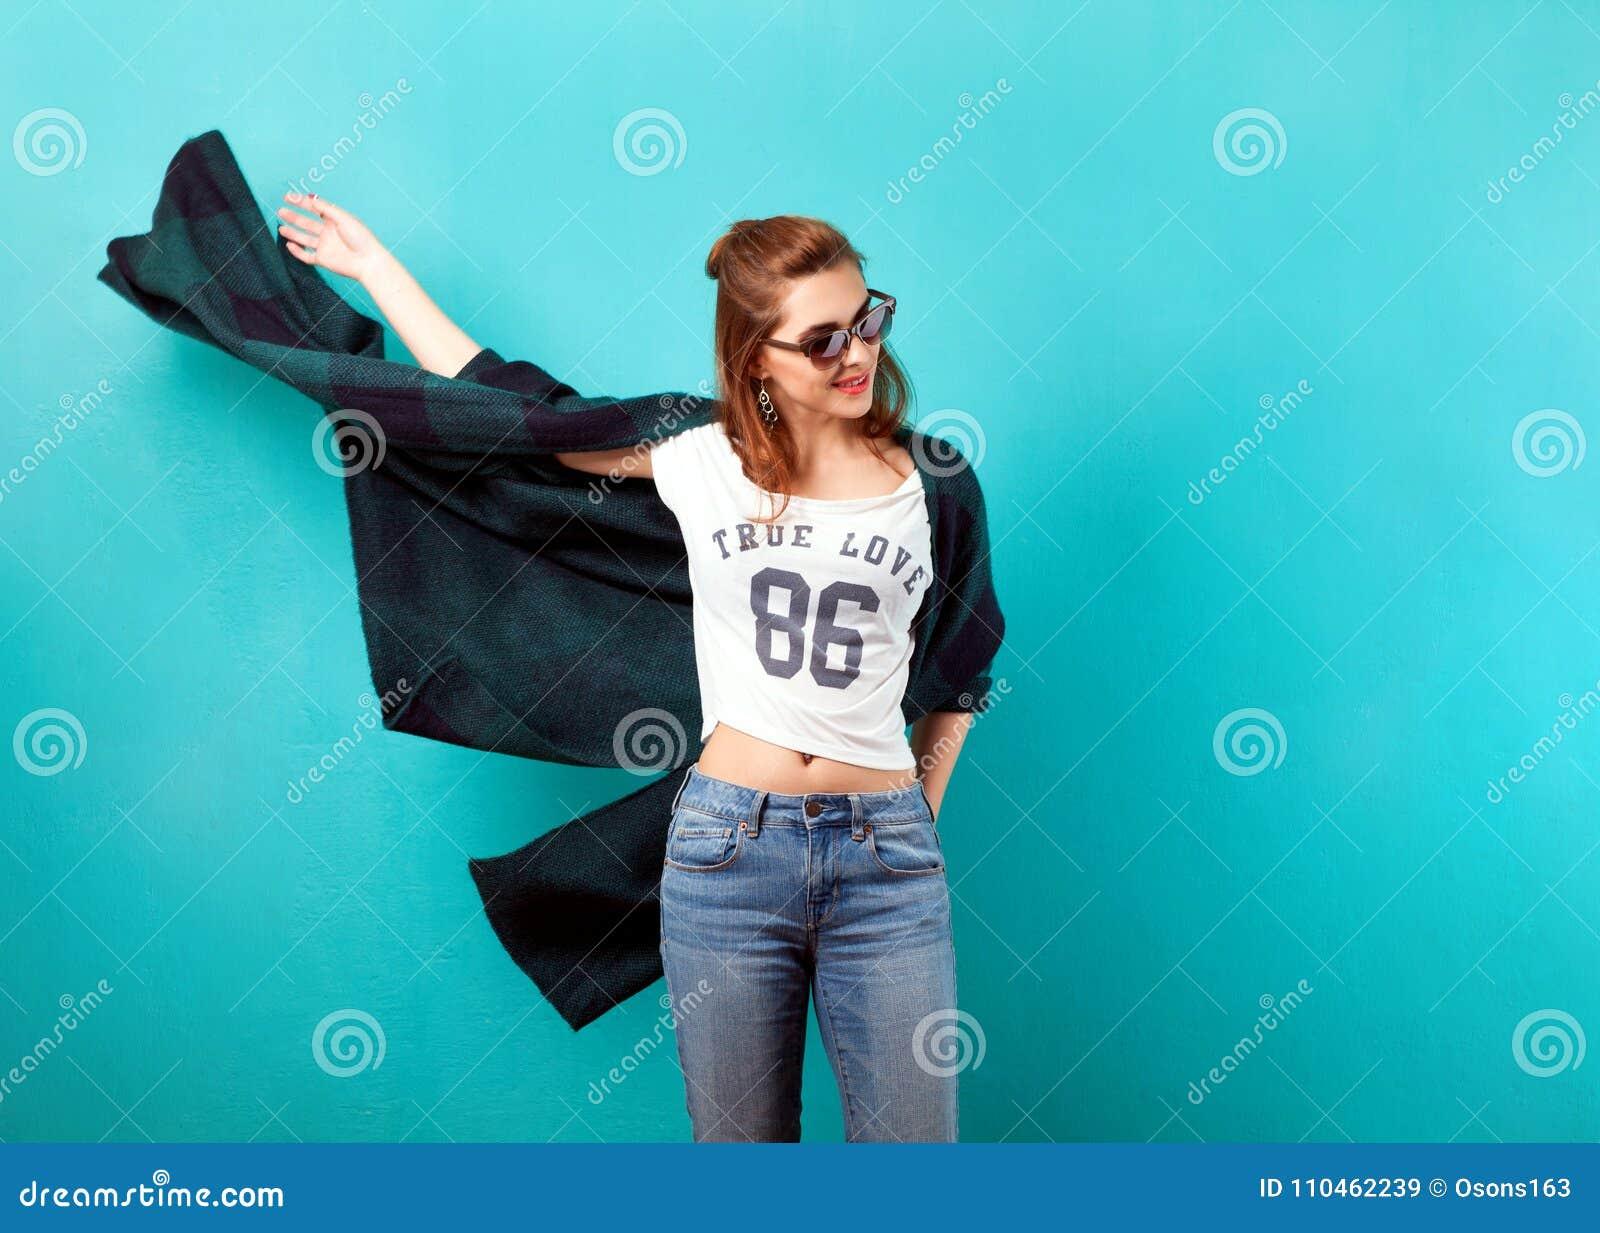 Dana flickan i studio nära turkosbakgrund som ler sinnesrörelse